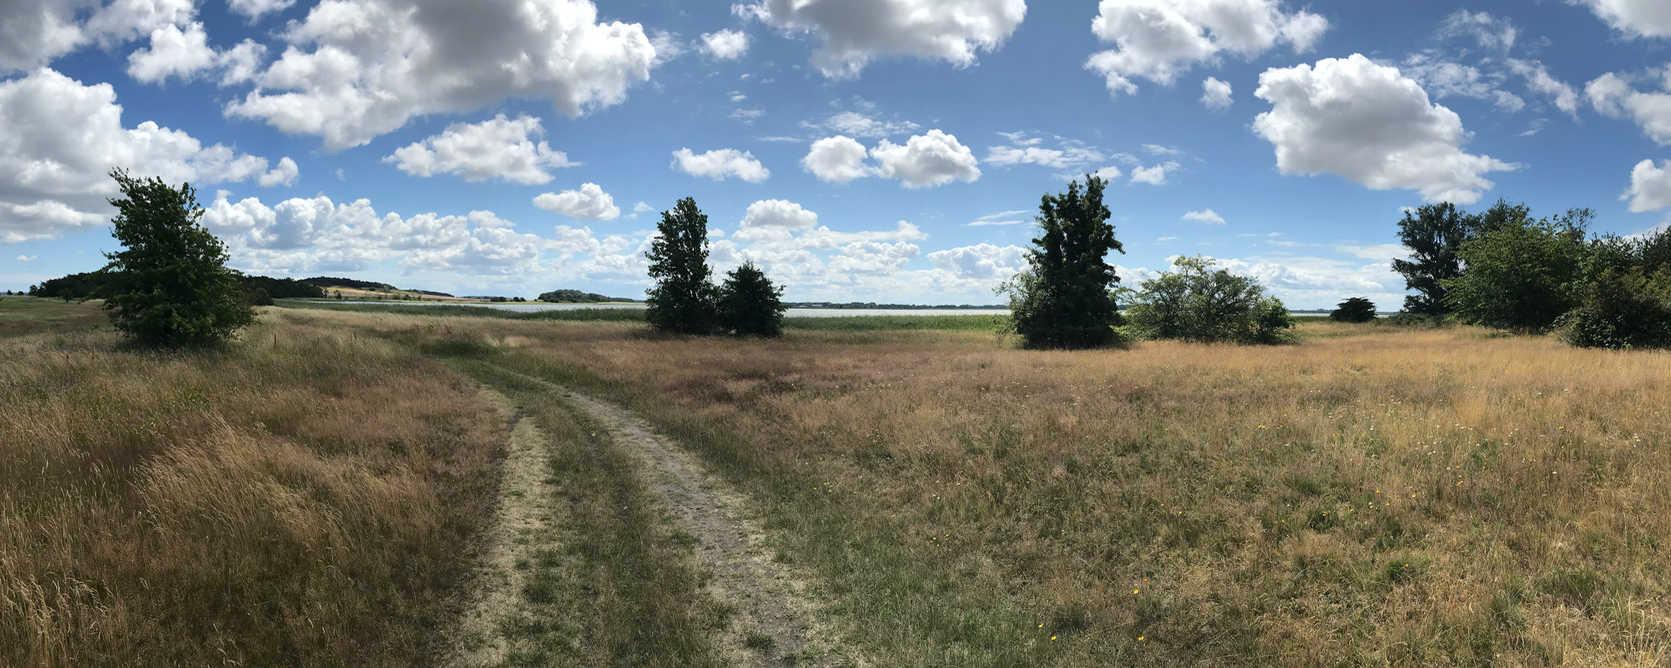 Boddenpanaorama-Weg